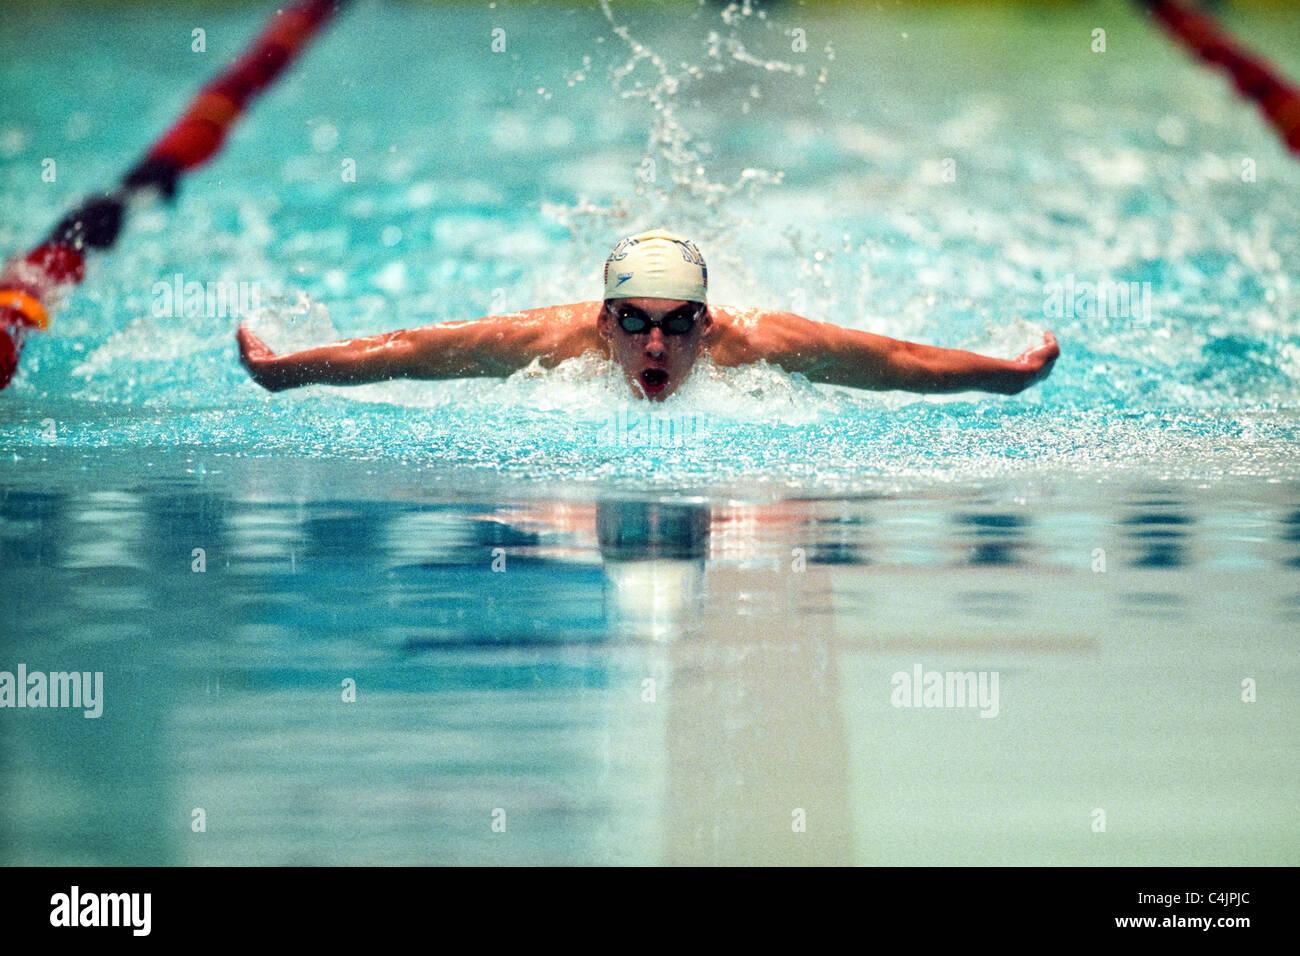 Michael Phelps (Estados Unidos), de 15 años, en la primavera de 2000, EE.UU. nacionales. Imagen De Stock